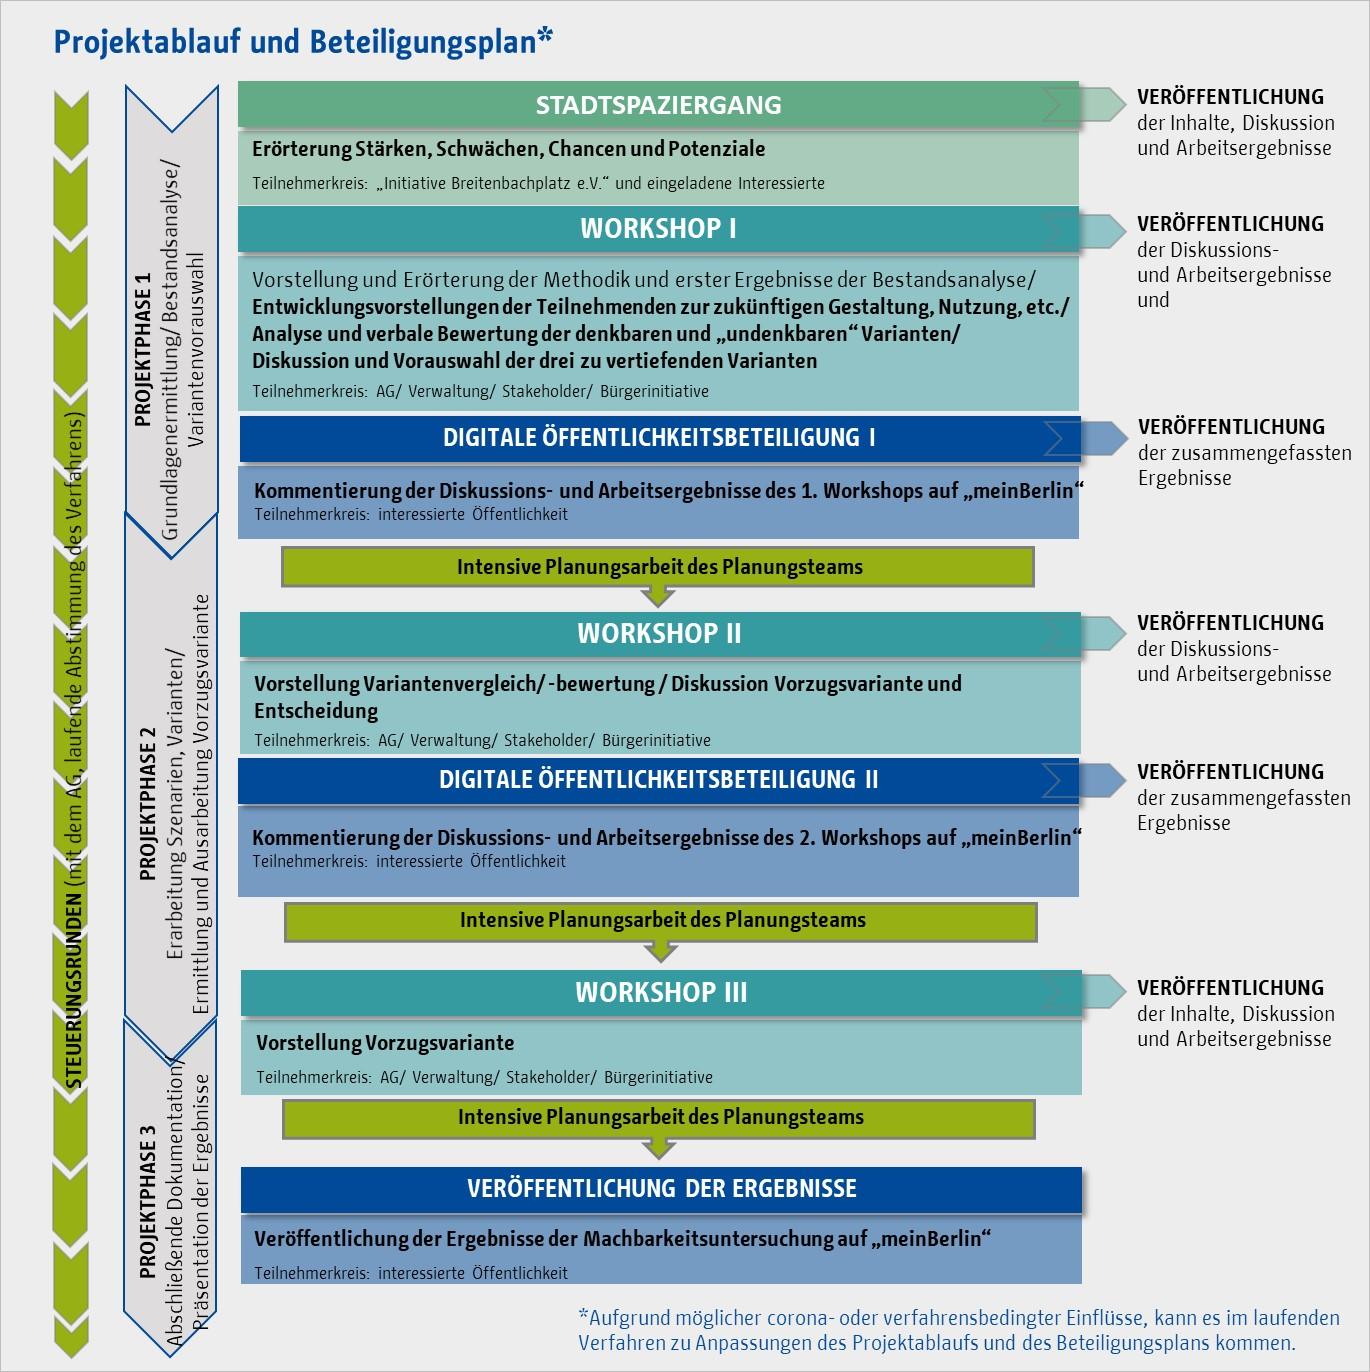 Projektablauf und Beteiligungsplan